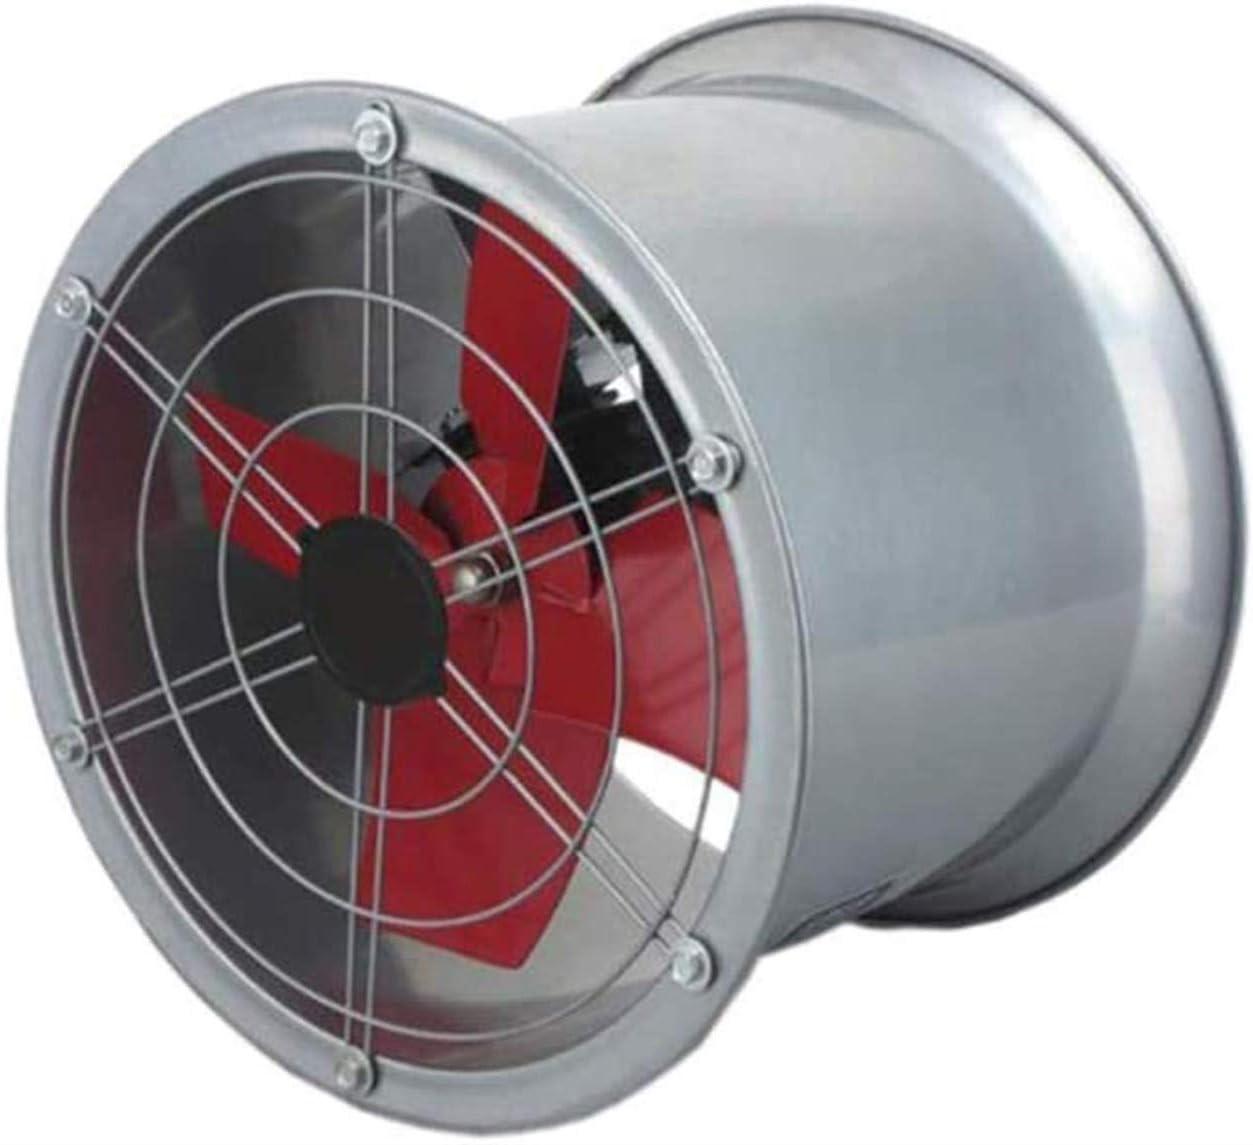 Conducto del ventilador de flujo mixto de 200 mm en línea, conducto Extractor industria del ventilador Ventilaltion Ventilador for baño, el volumen de oficina, hotel, pasillo, hidropónico, Aire: 1680m